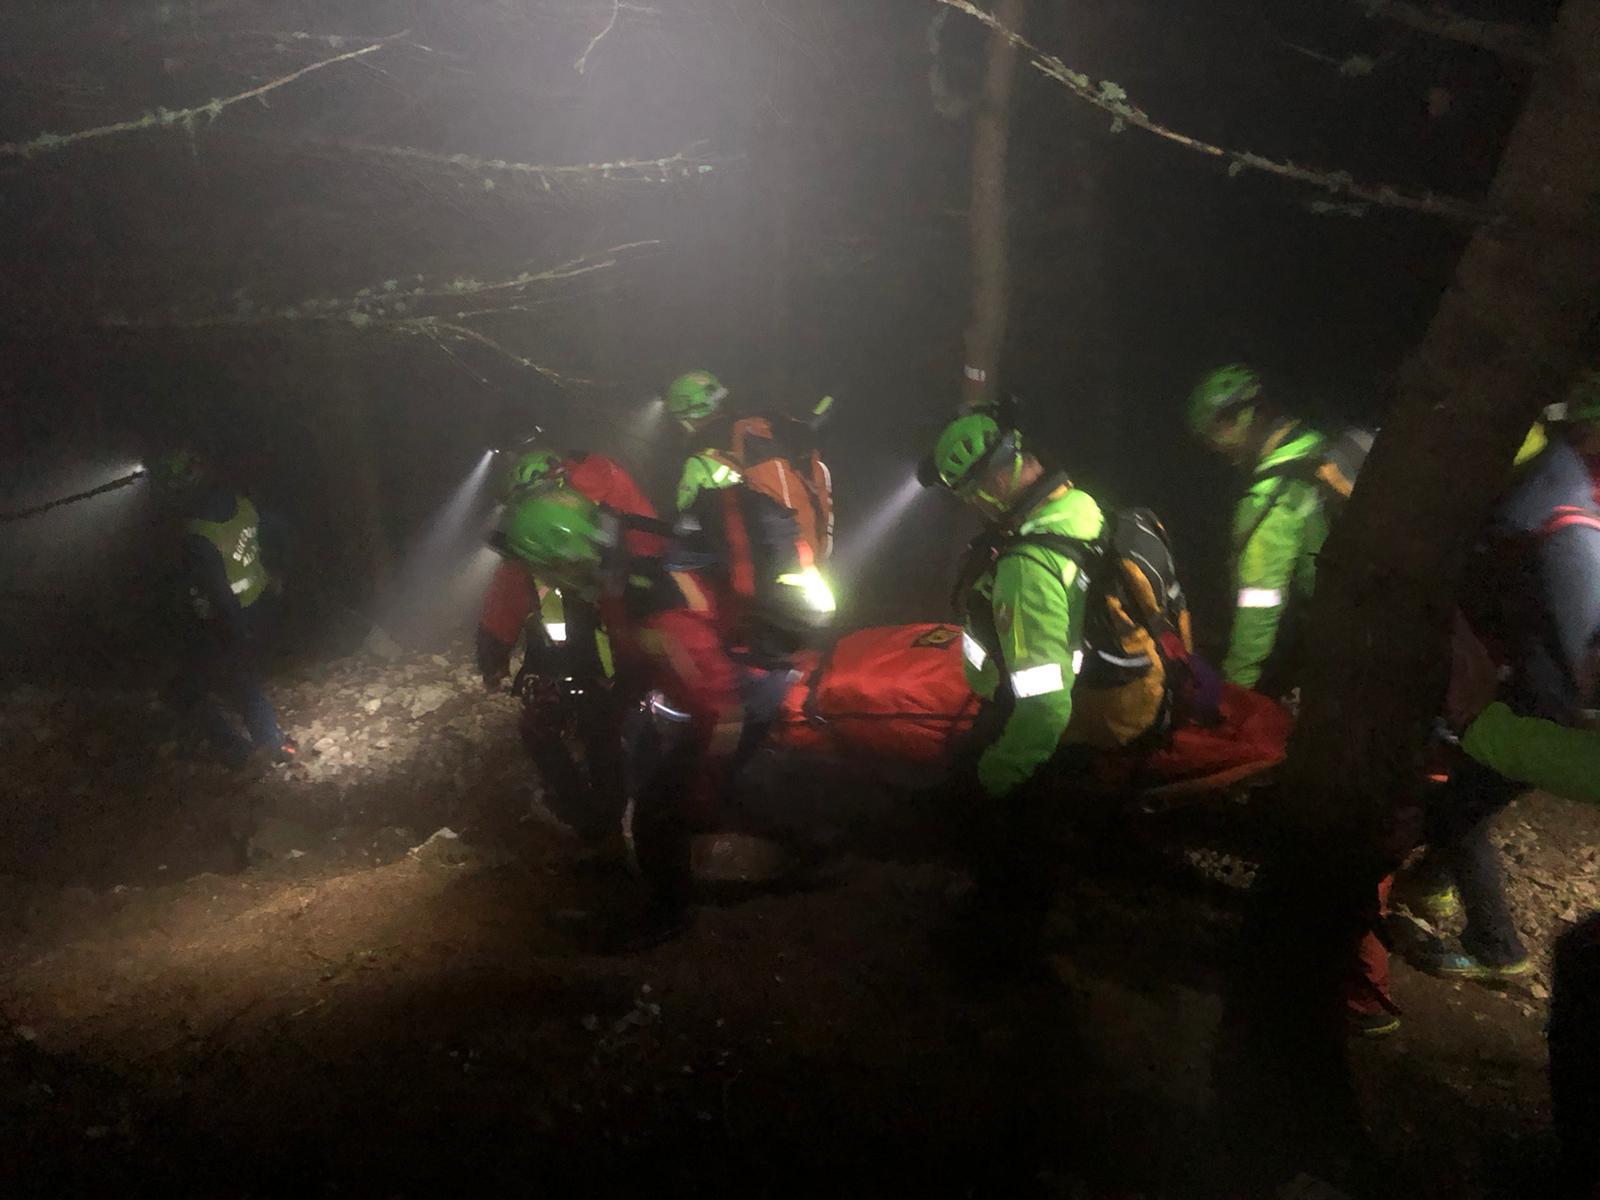 Deutsche im Dunkeln auf dem Weg oberhalb des Sees: Rettung durch die Bergwacht